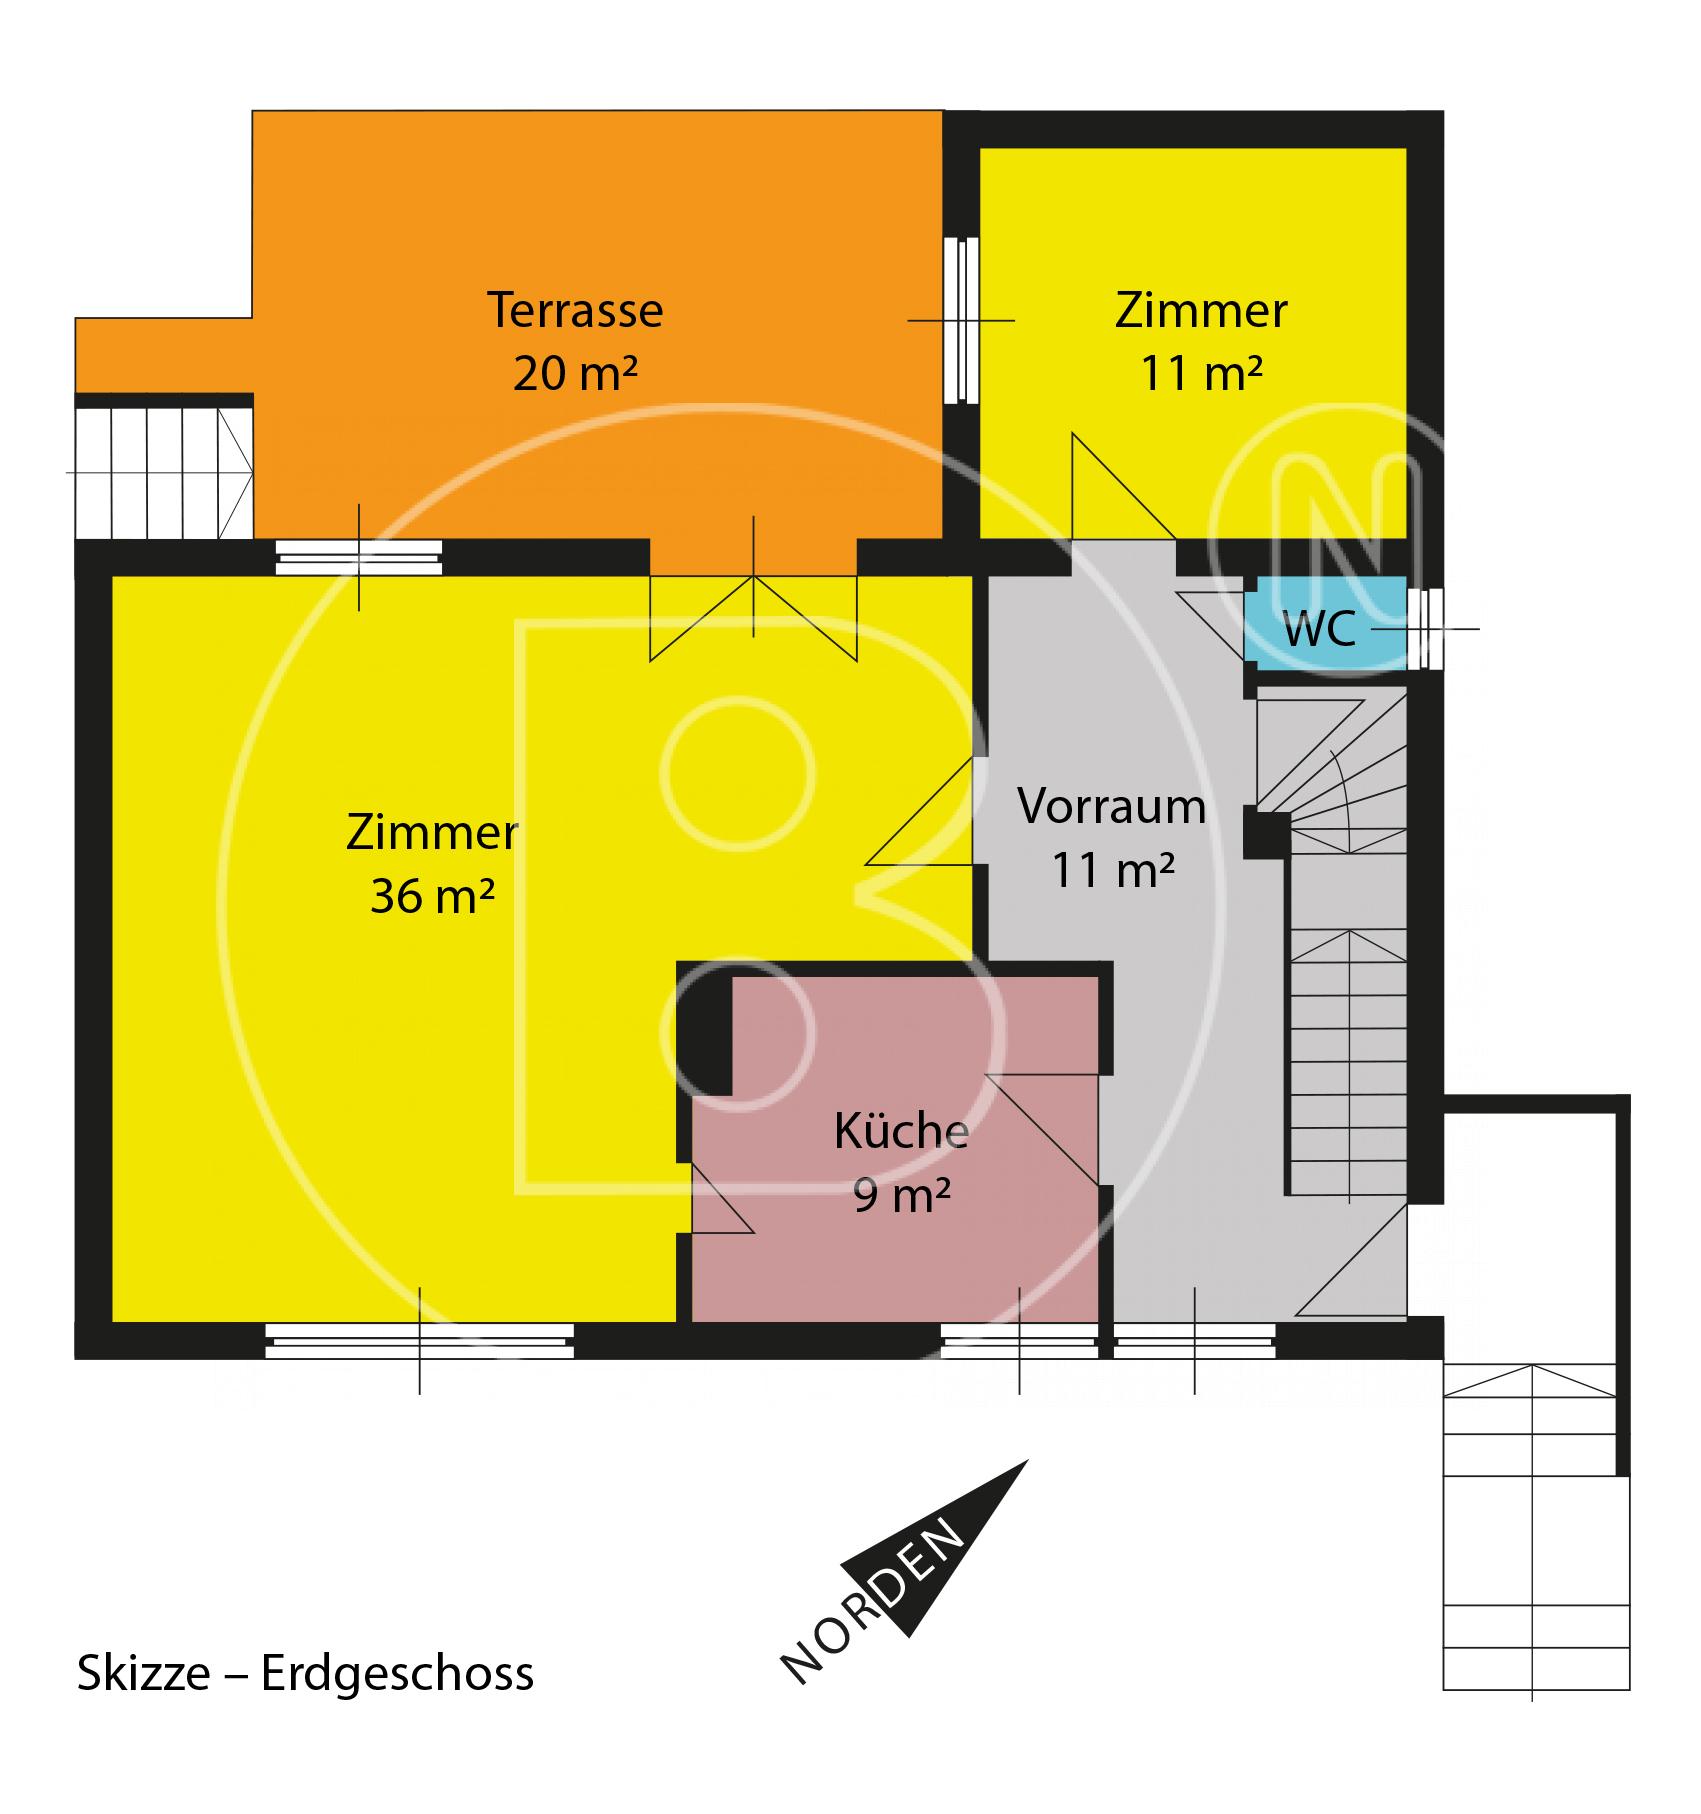 EG - Skizze - Wunderbares Grundstück - Haus sanierungsbedürftig